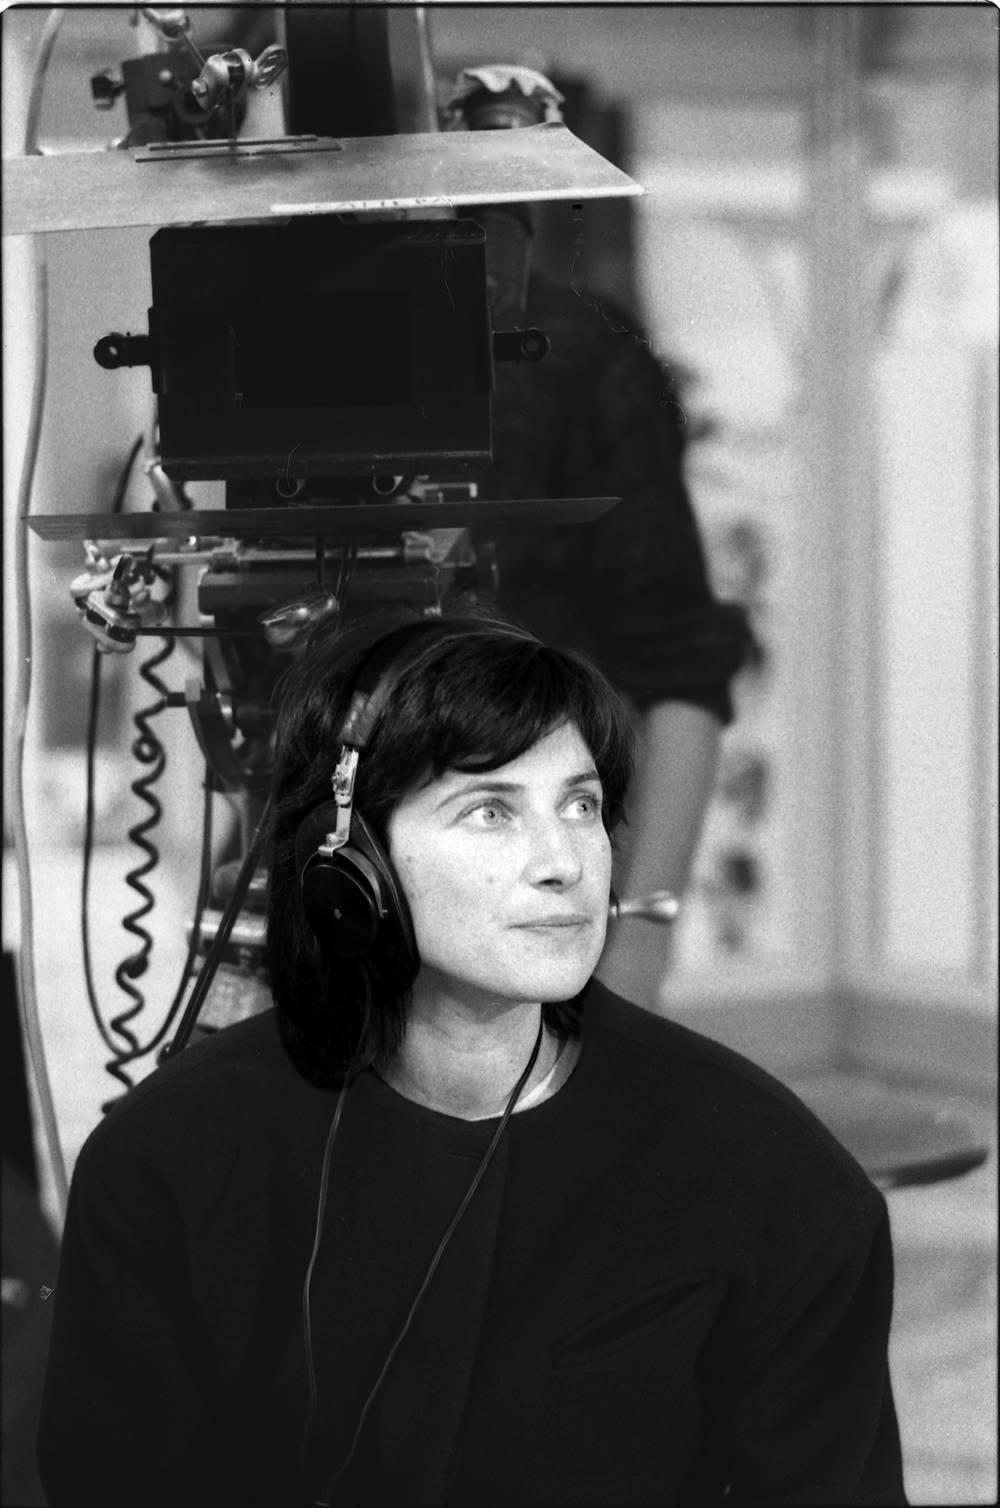 Aos 25 anos, Chantal lançou o trabalho que seria sua obra prima: Jeanne Dielman